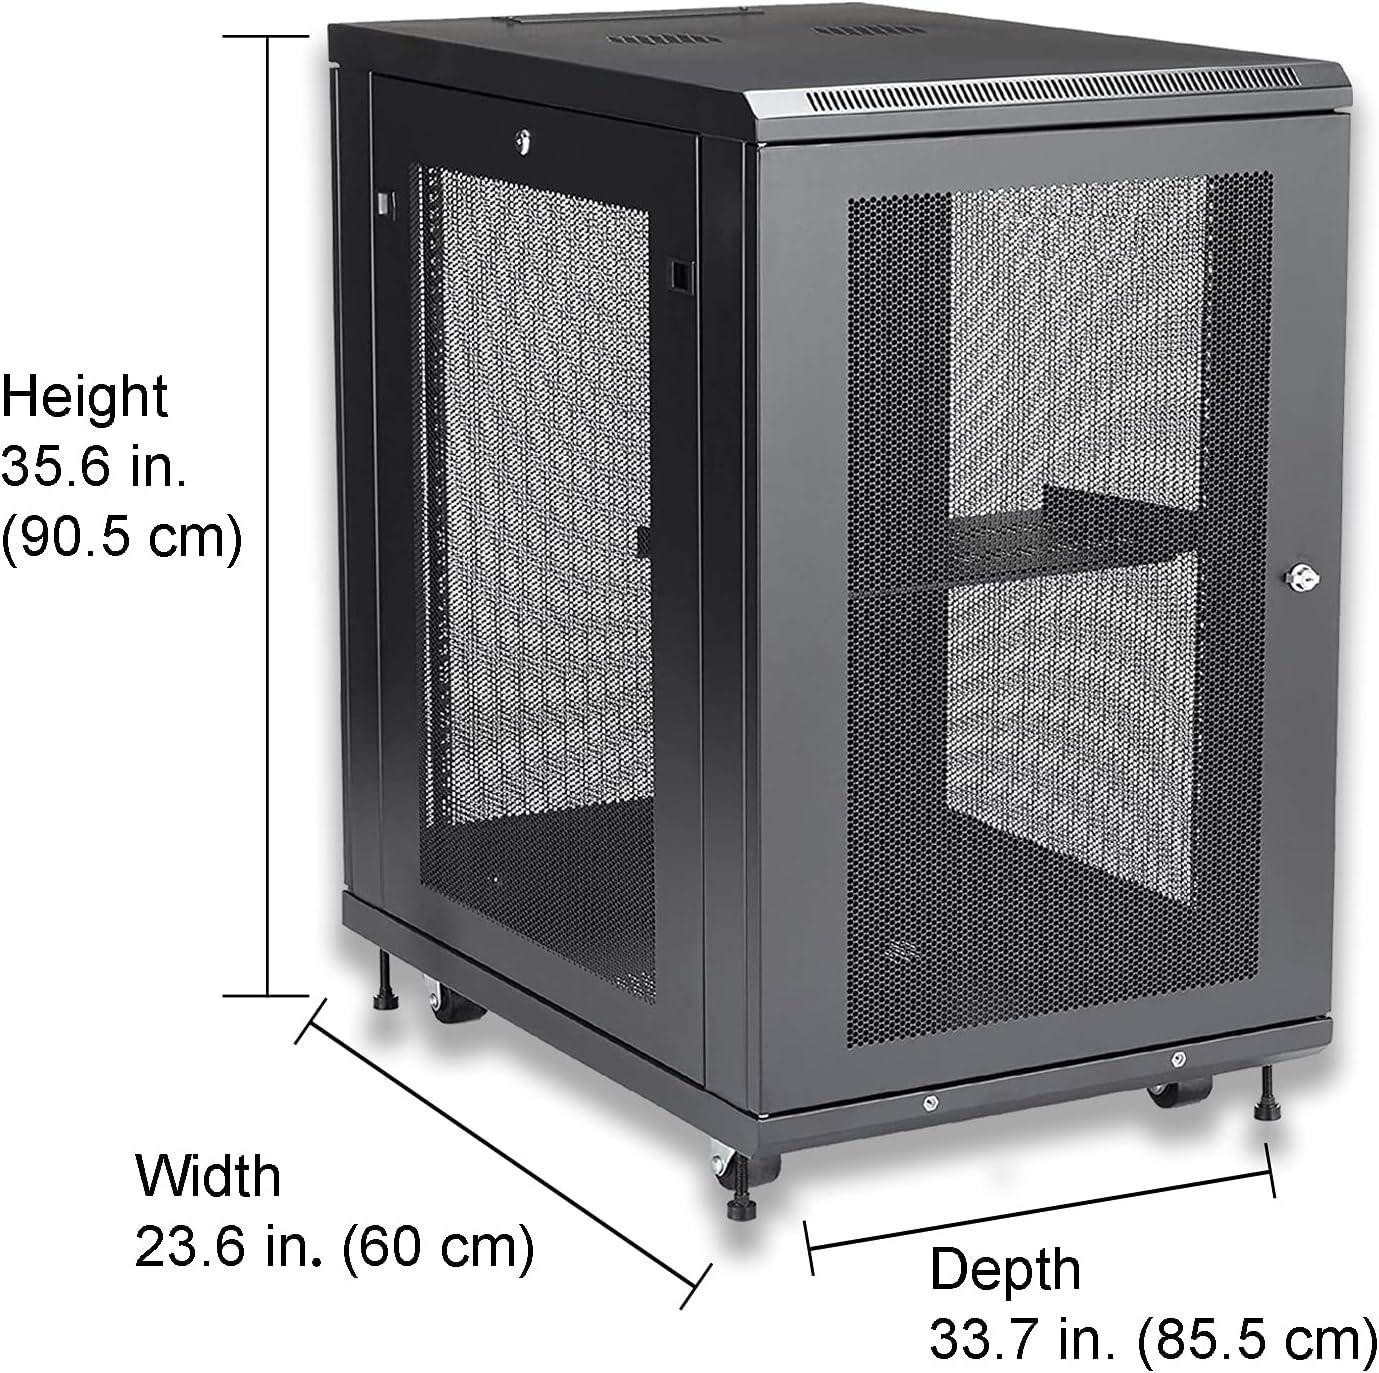 18U Black Server Rack Cabinet with Mesh Doors - 4-Post Adjustable Depth (2